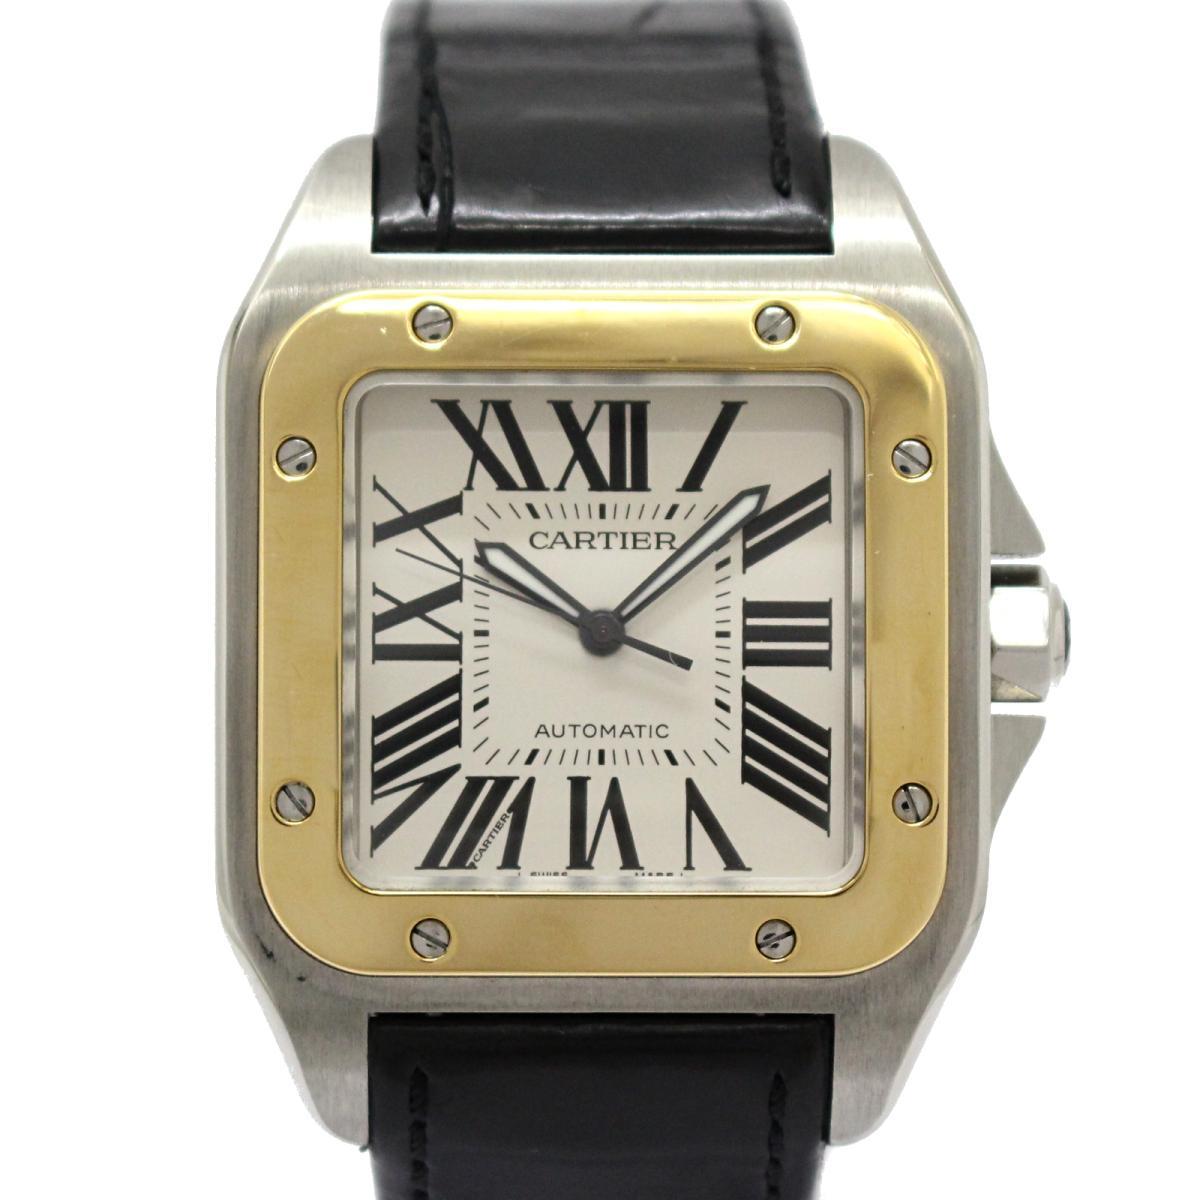 【中古】 カルティエ サントス 100 LM メンズウォッチ 腕時計 メンズ ステンレススチール (SS) x K18YG (750)イエローゴールド レザーベルト (W20072 7)   Cartier BRANDOFF ブランドオフ ブランド ブランド時計 ブランド腕時計 時計 ウォッチ